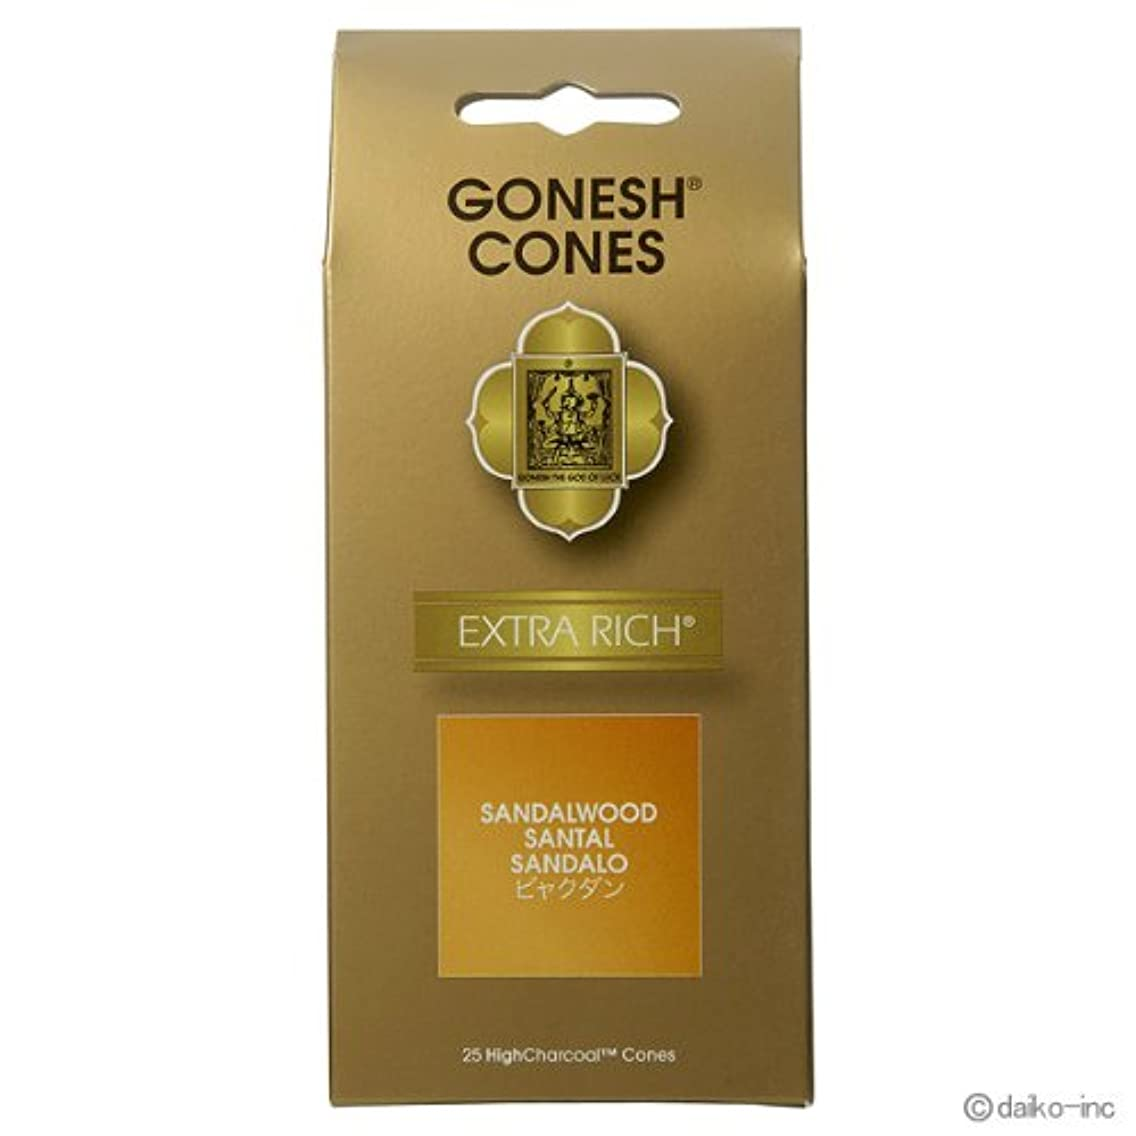 警察遅い第二にガーネッシュ GONESH エクストラリッチ サンダルウッド(白檀) お香コーン25ヶ入 6個セット